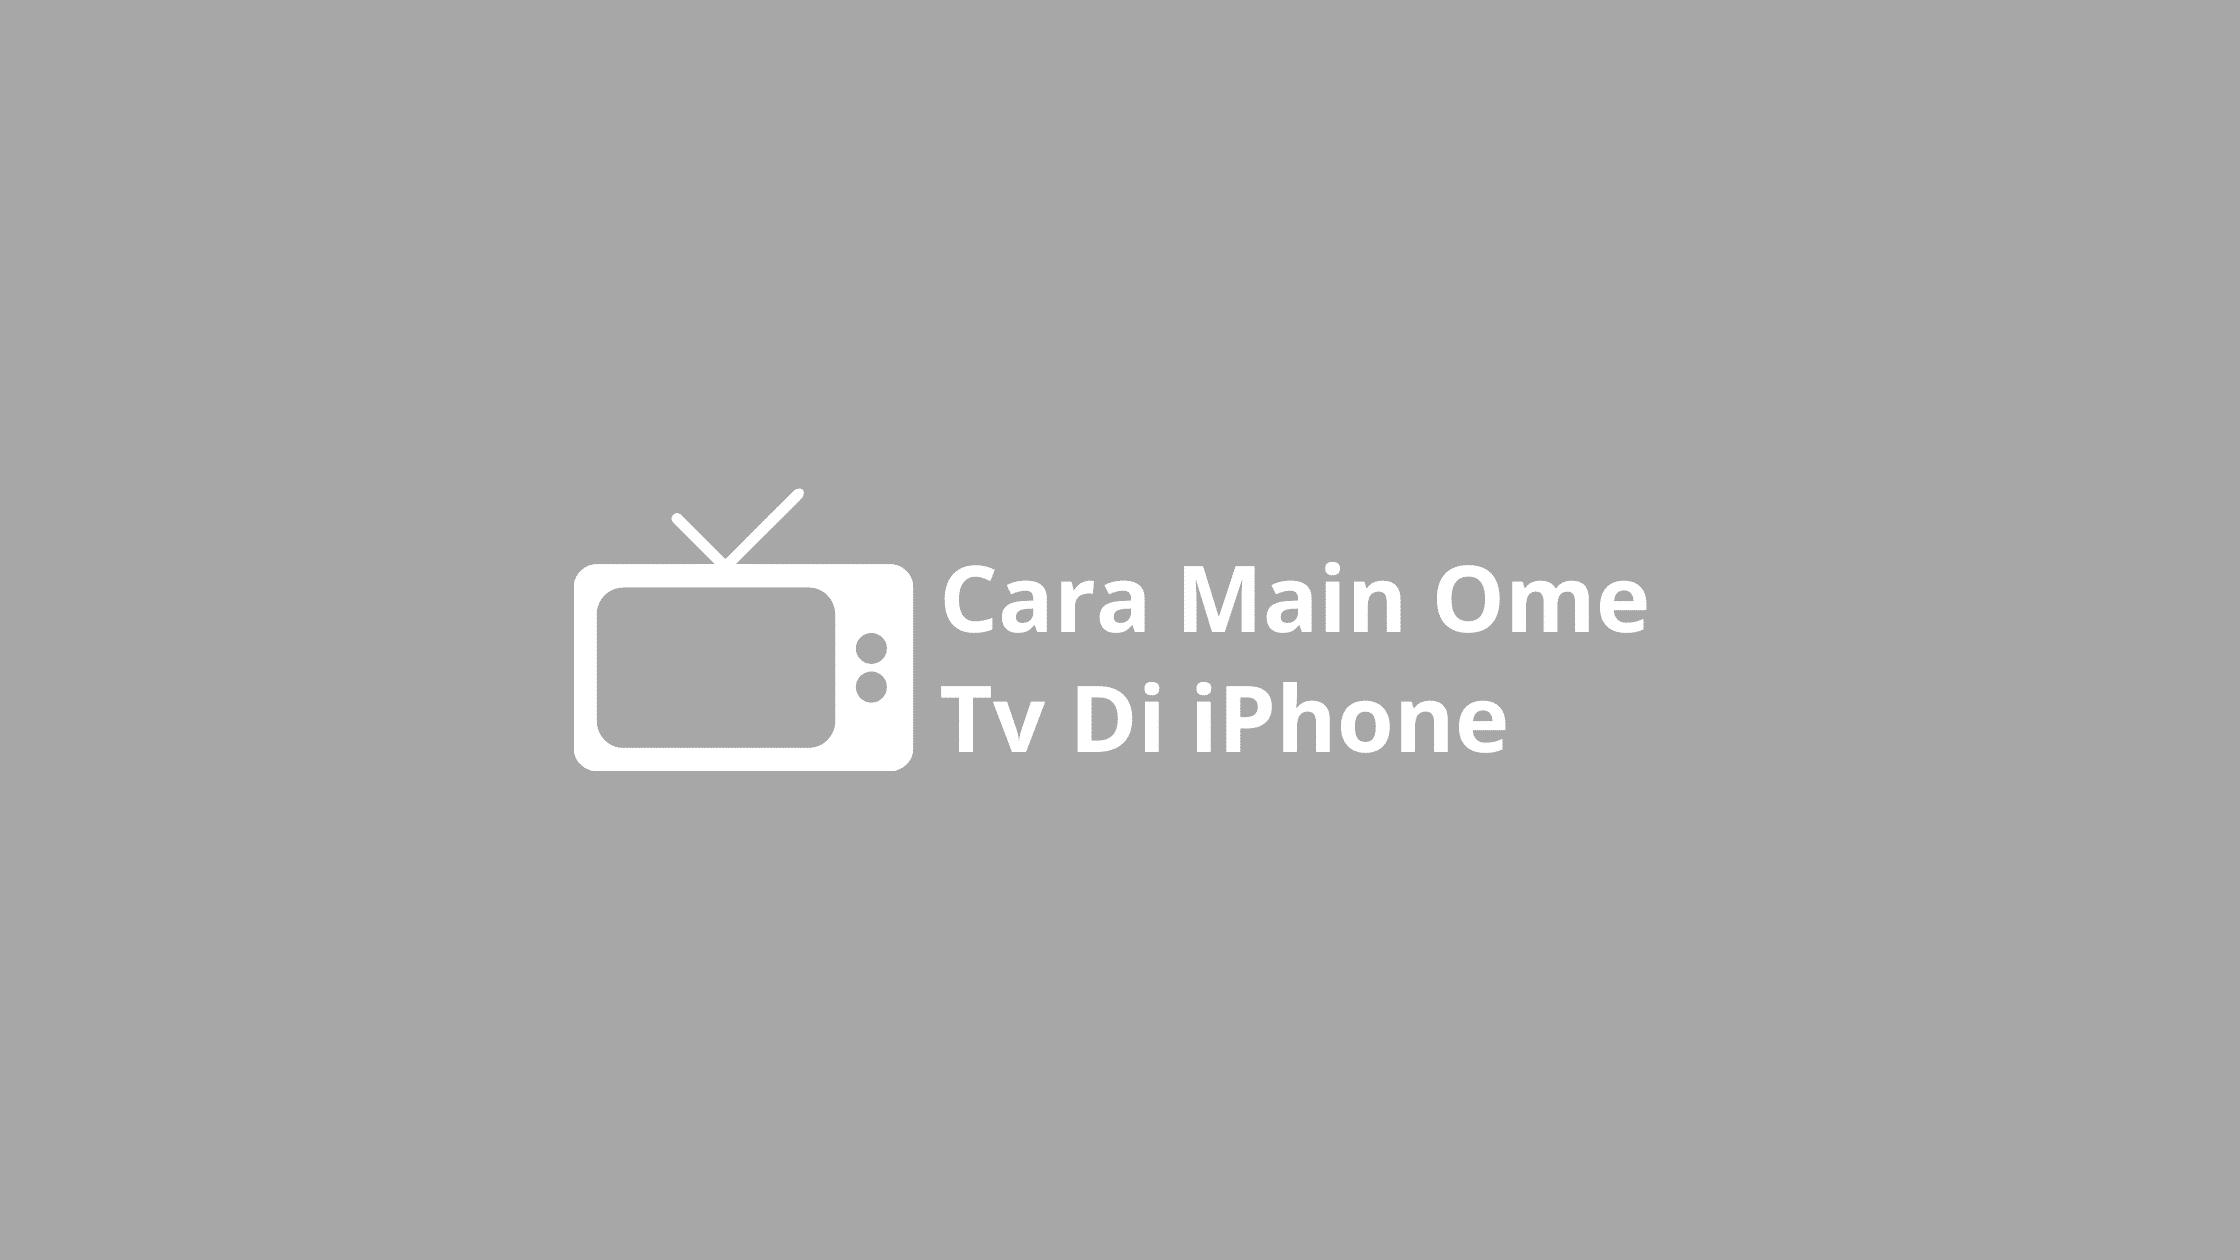 cara main ome tv di iphone